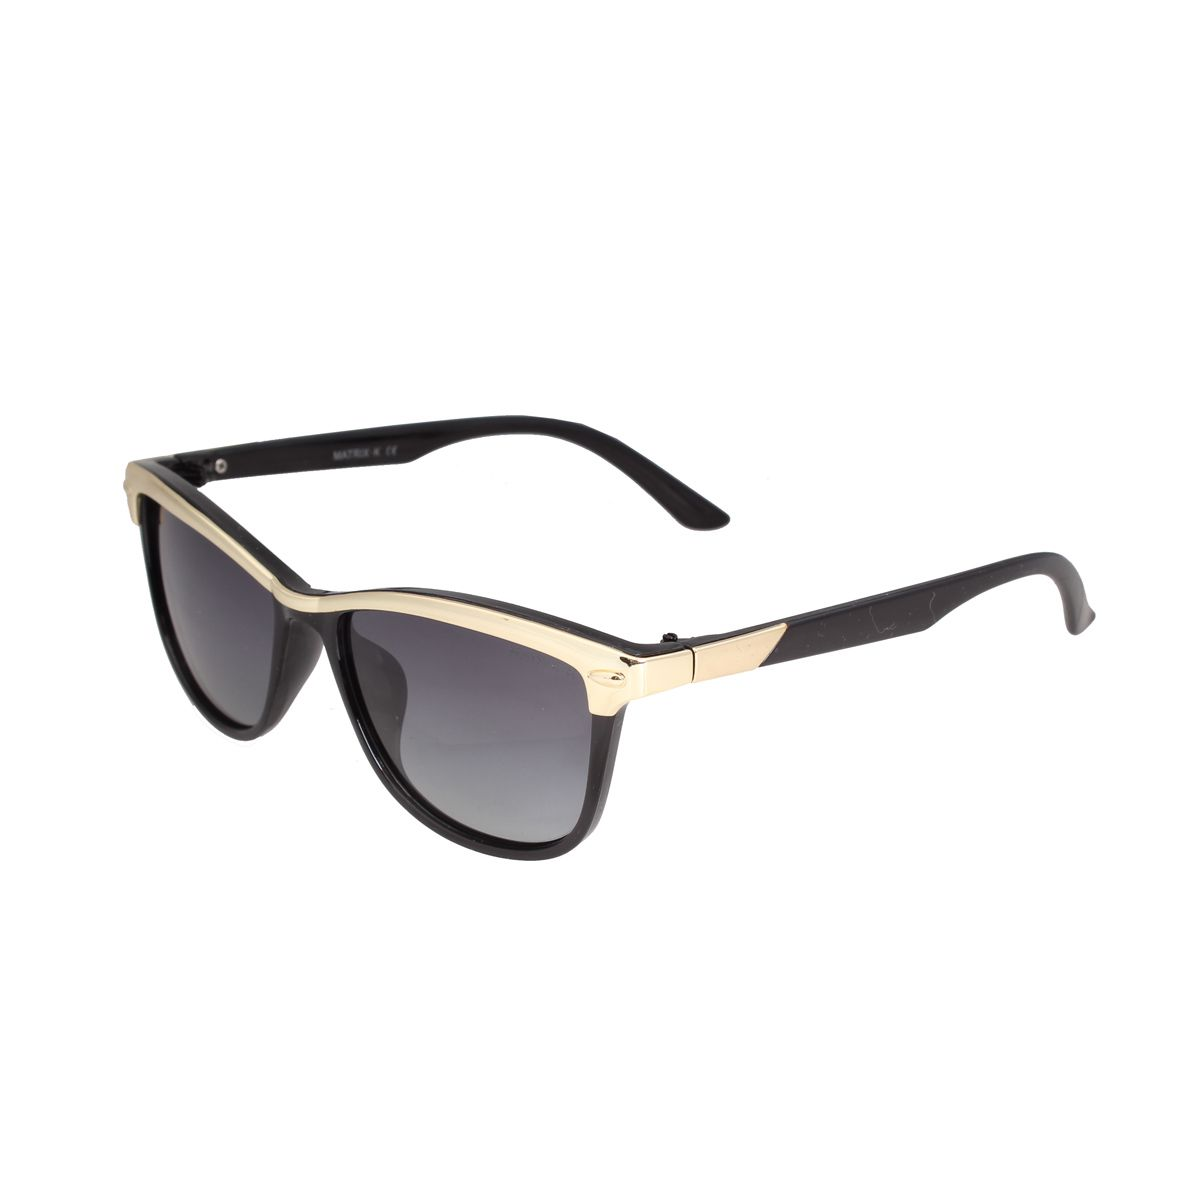 قیمت عینک آفتابی زنانه کد 5522